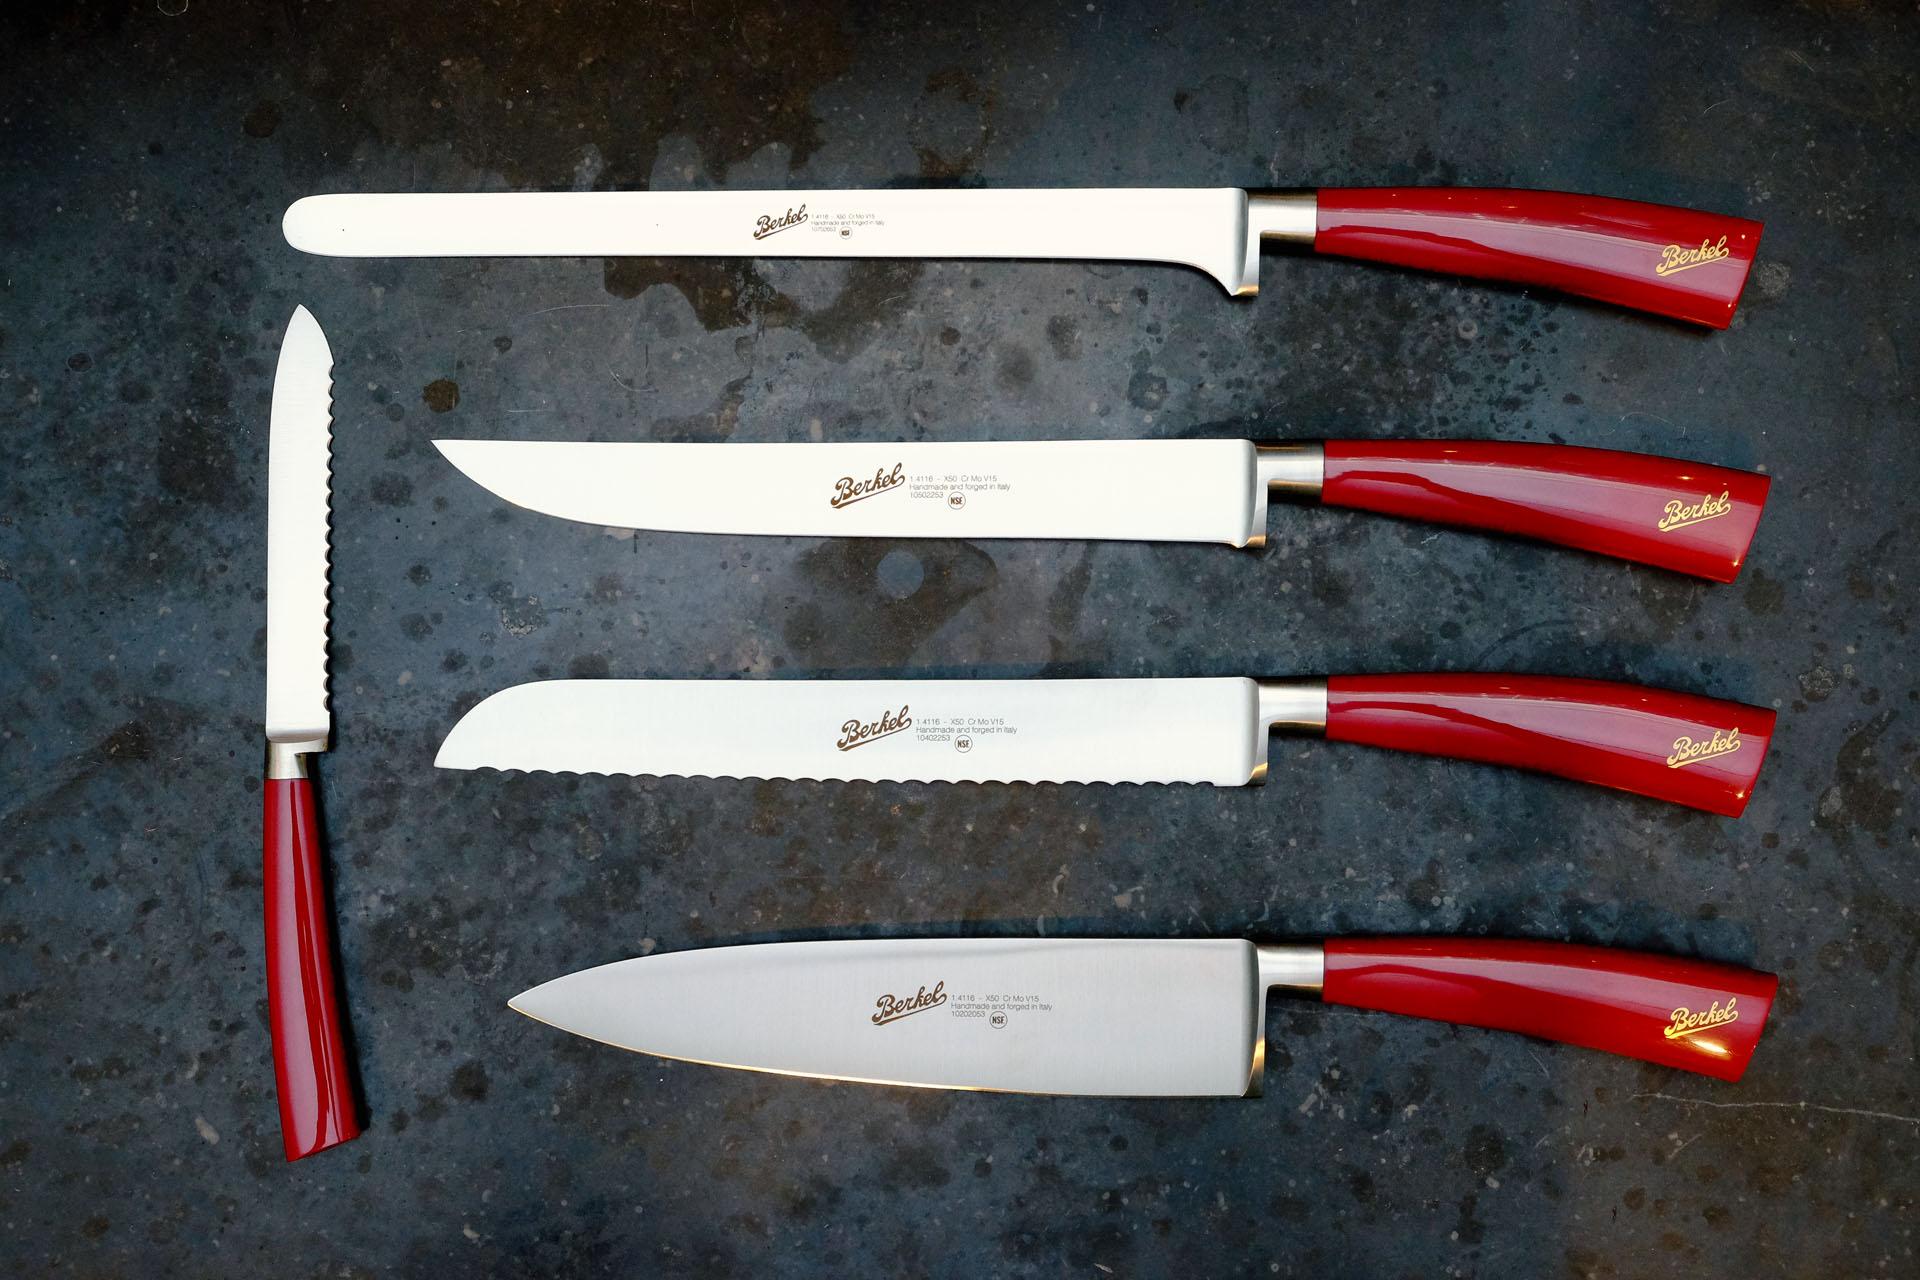 berkel-kuechenmesser-set-messerset-brotmesser-tranchieren-schneiden